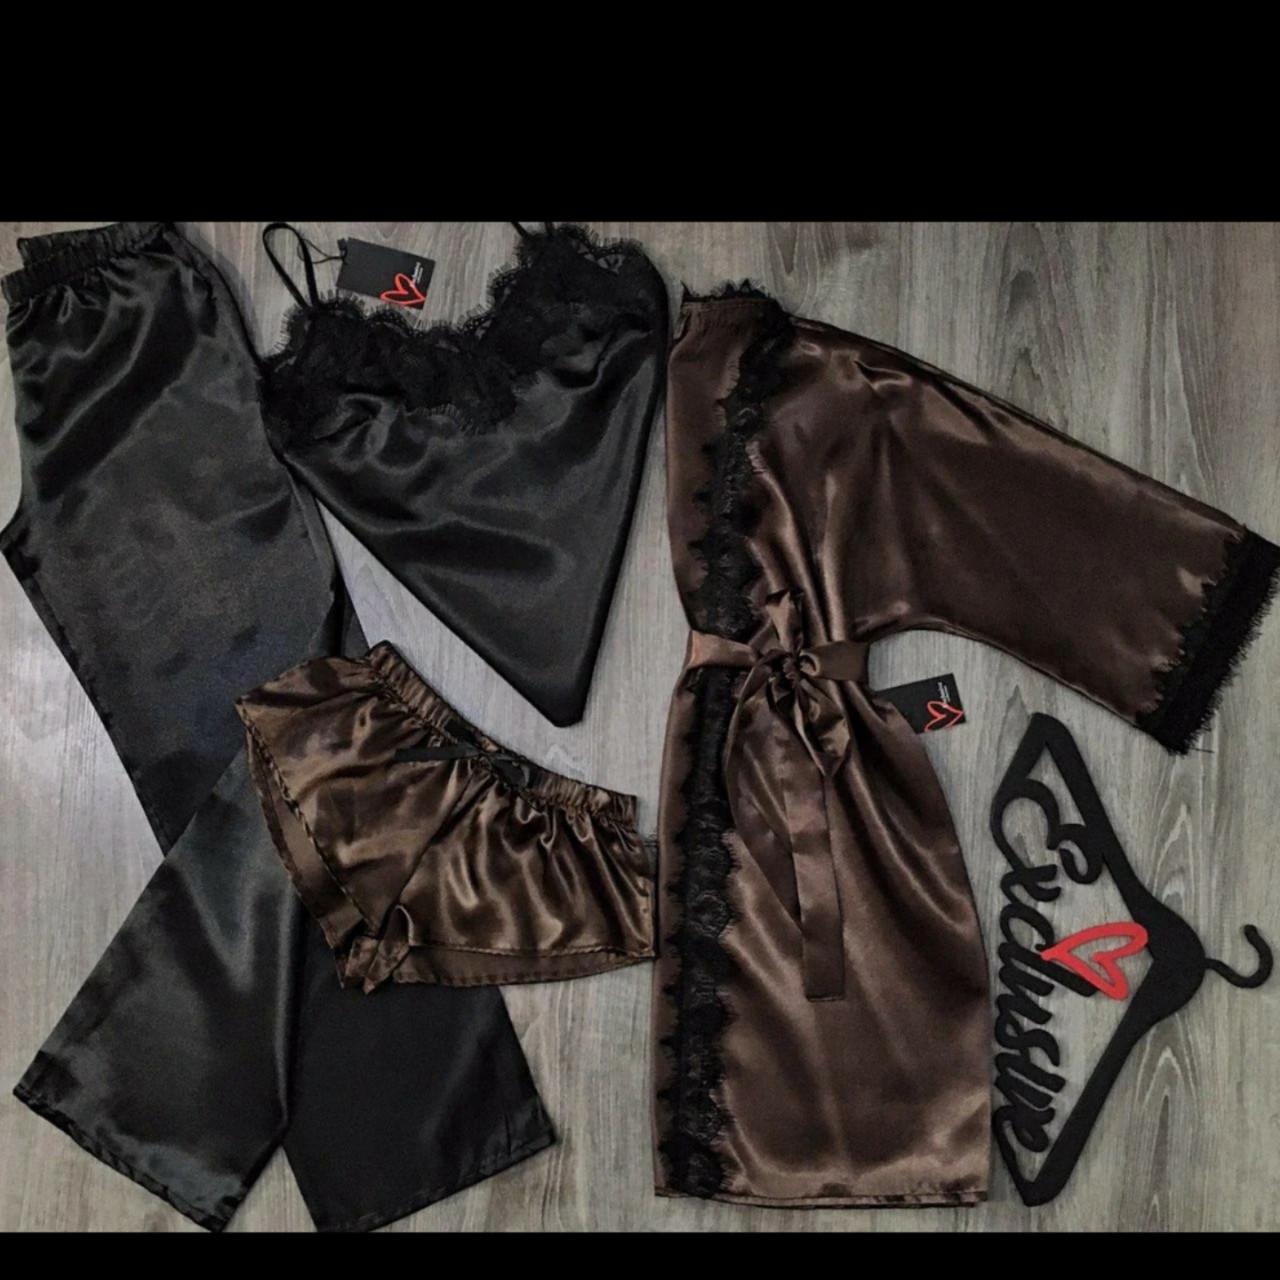 Коричневый набор одежды халат и пижама(майка+штаны+шорты).